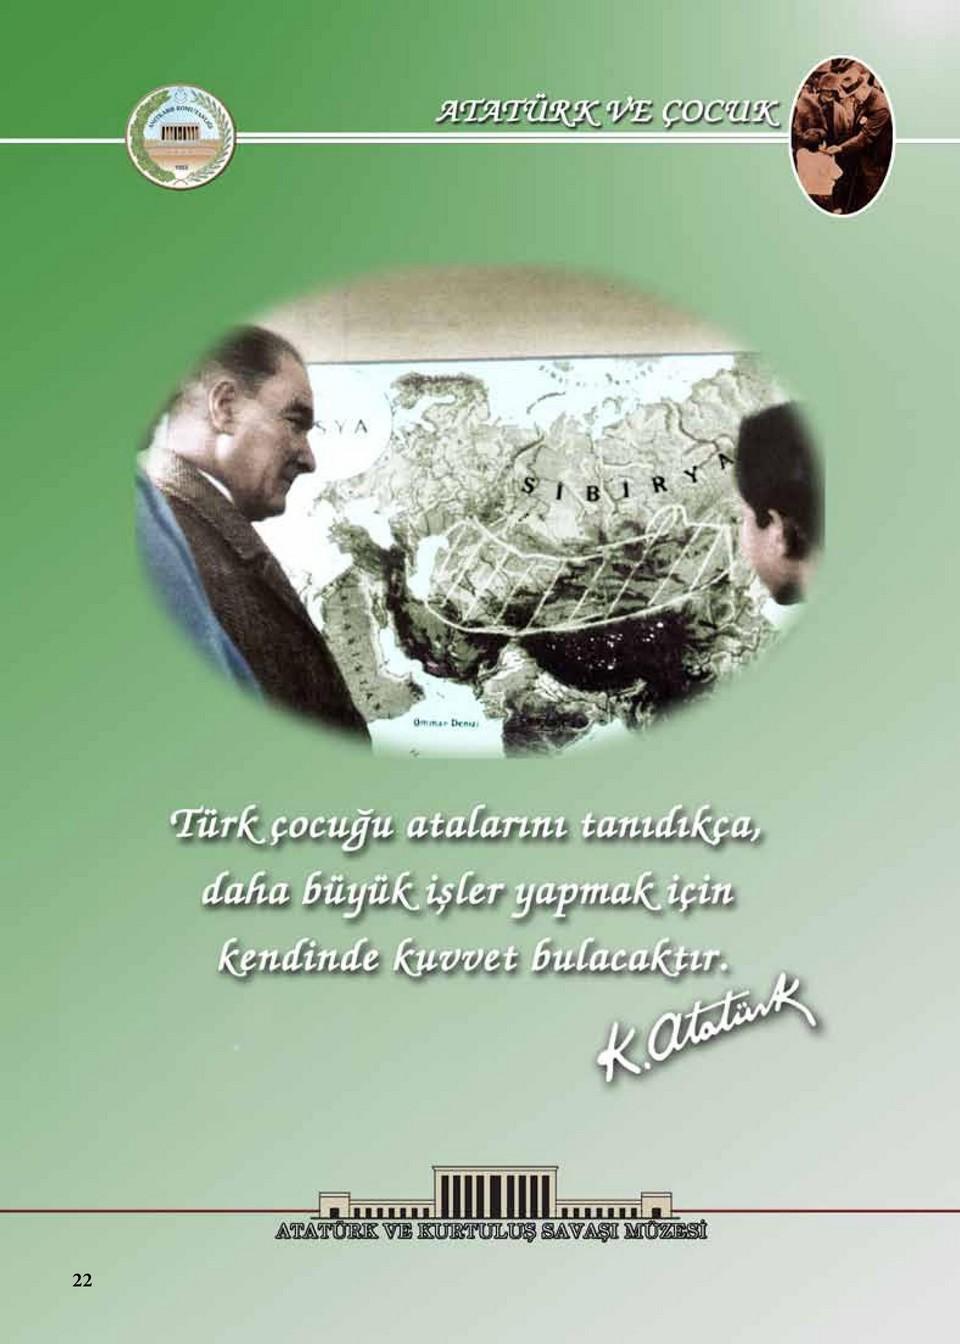 ataturkvecocuk-page-024